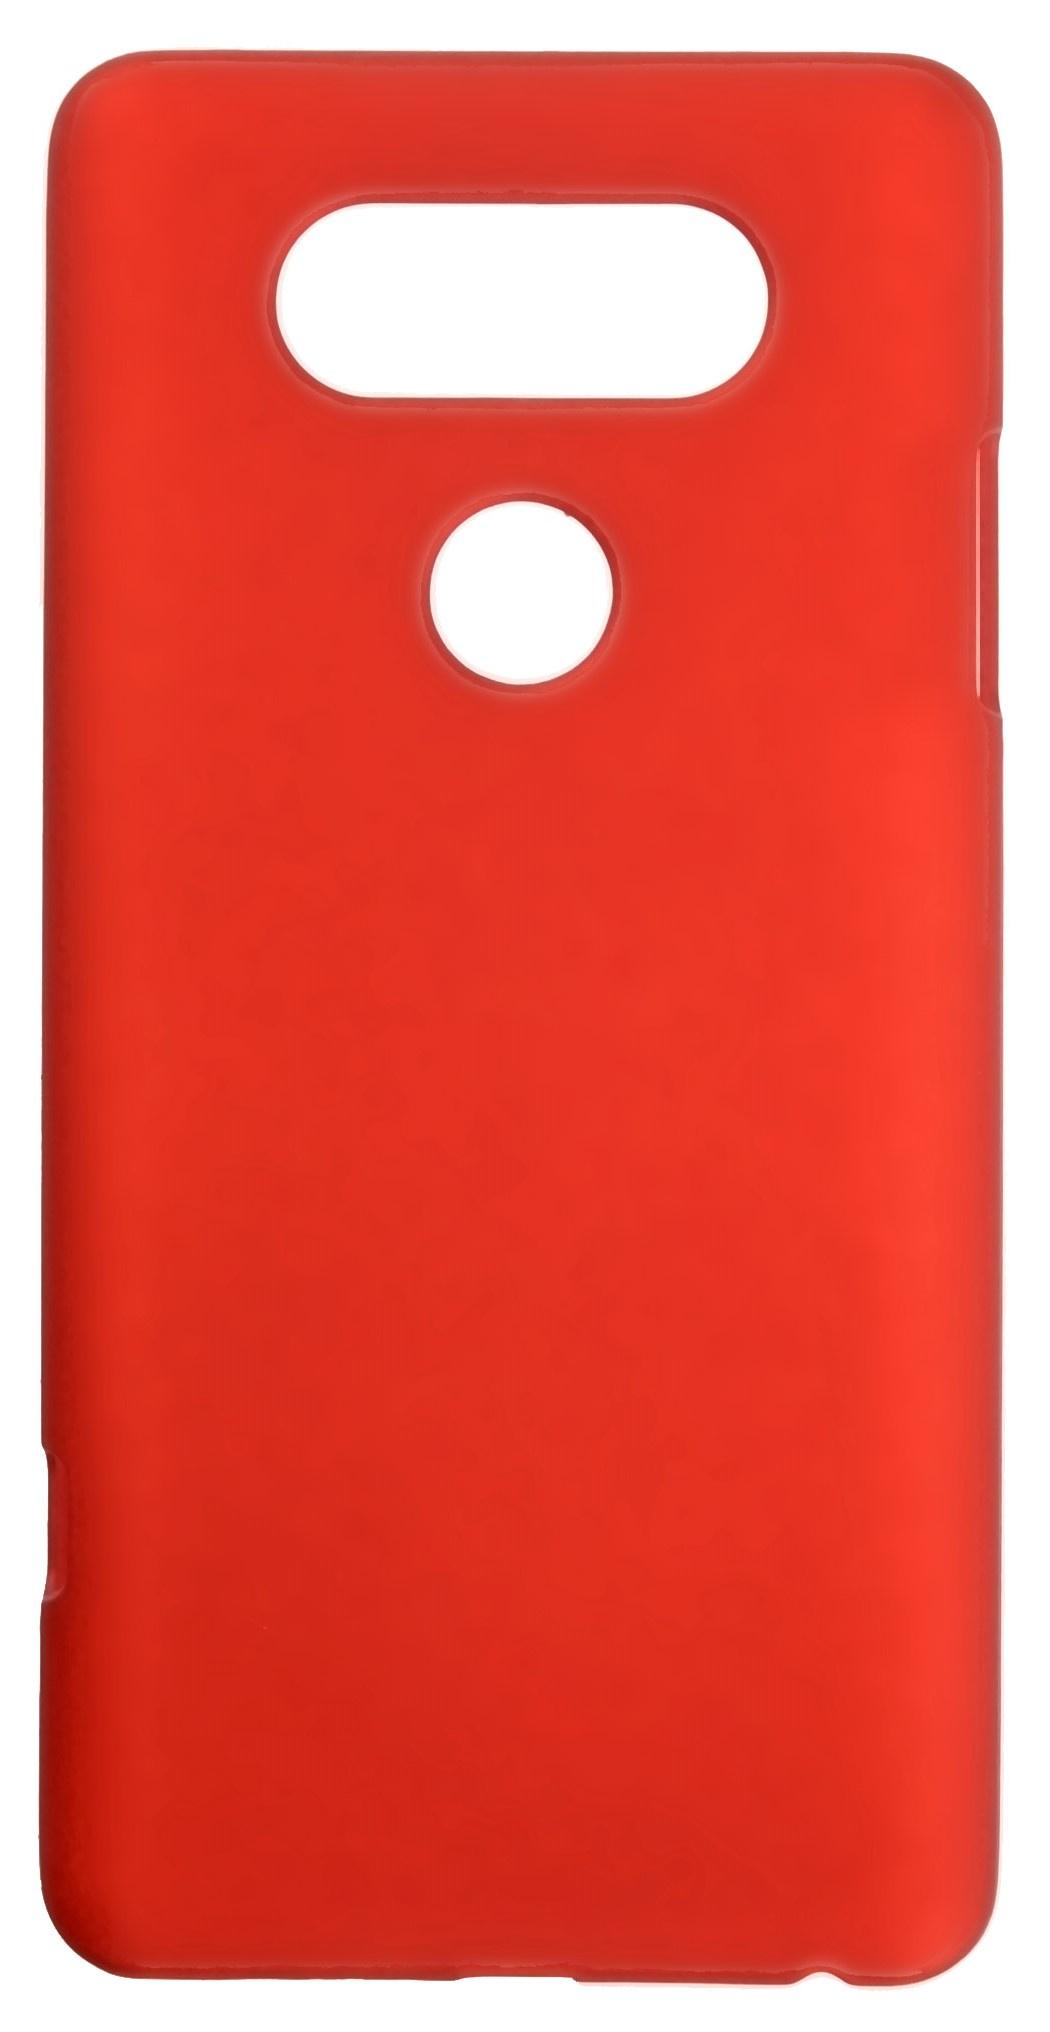 Чехол для сотового телефона skinBOX 4People, 4630042528994, красный чехол для сотового телефона skinbox 4people 4630042528994 красный